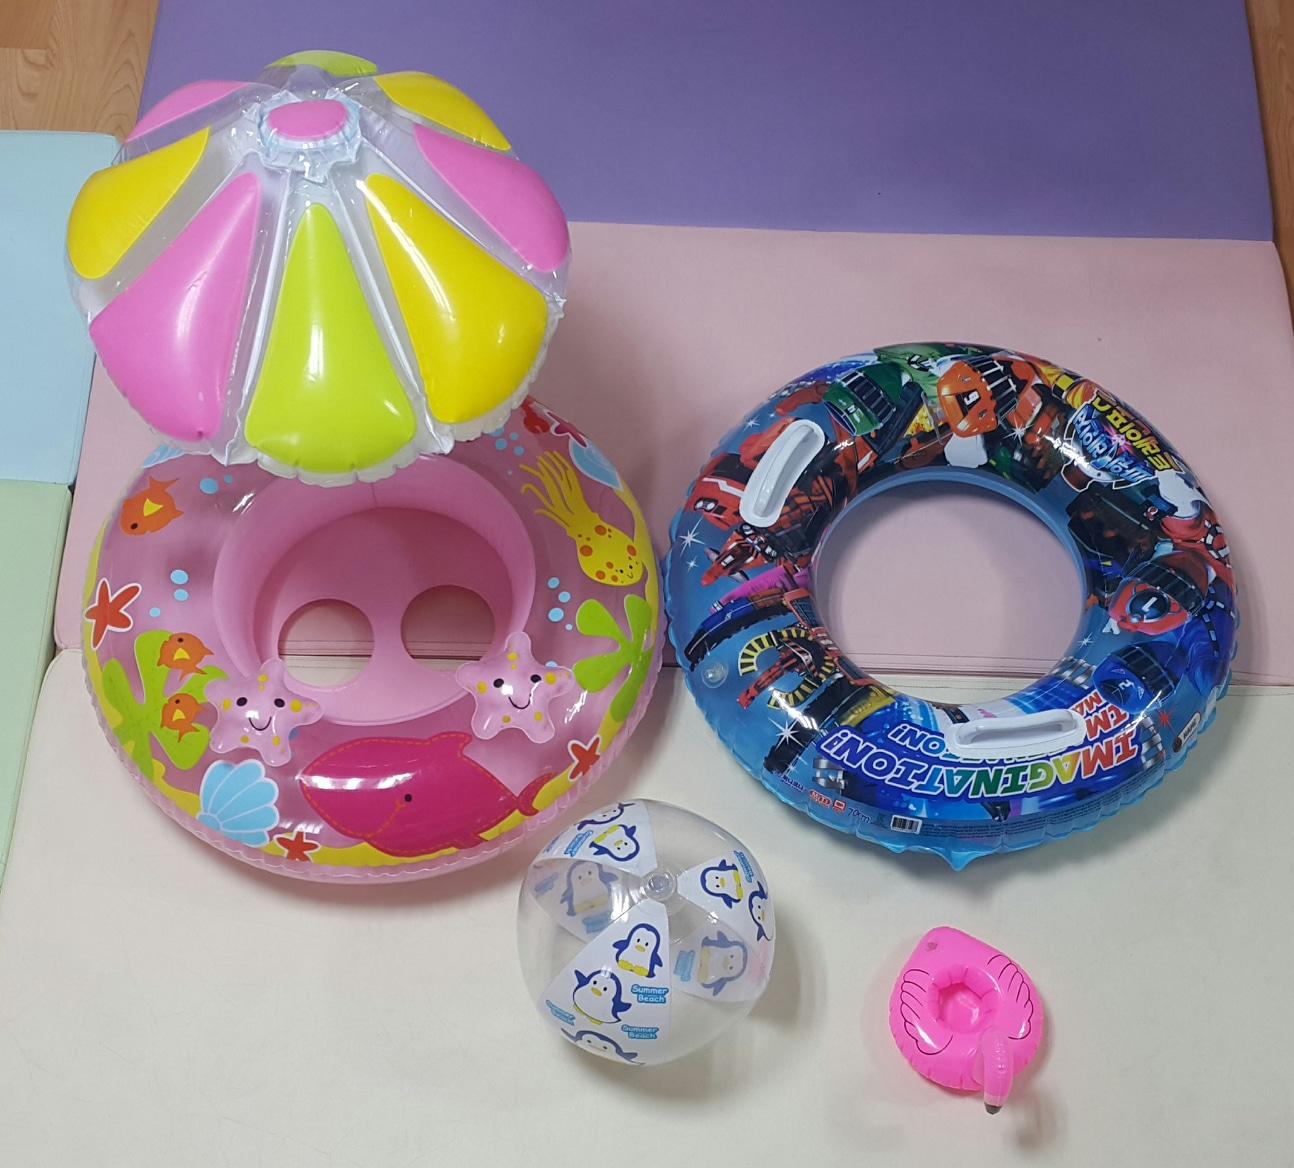 일괄4종 꽃모양 보행기튜브  유아 튜브 아동 튜브 비치볼 음료튜브 공 수영장 워터파크